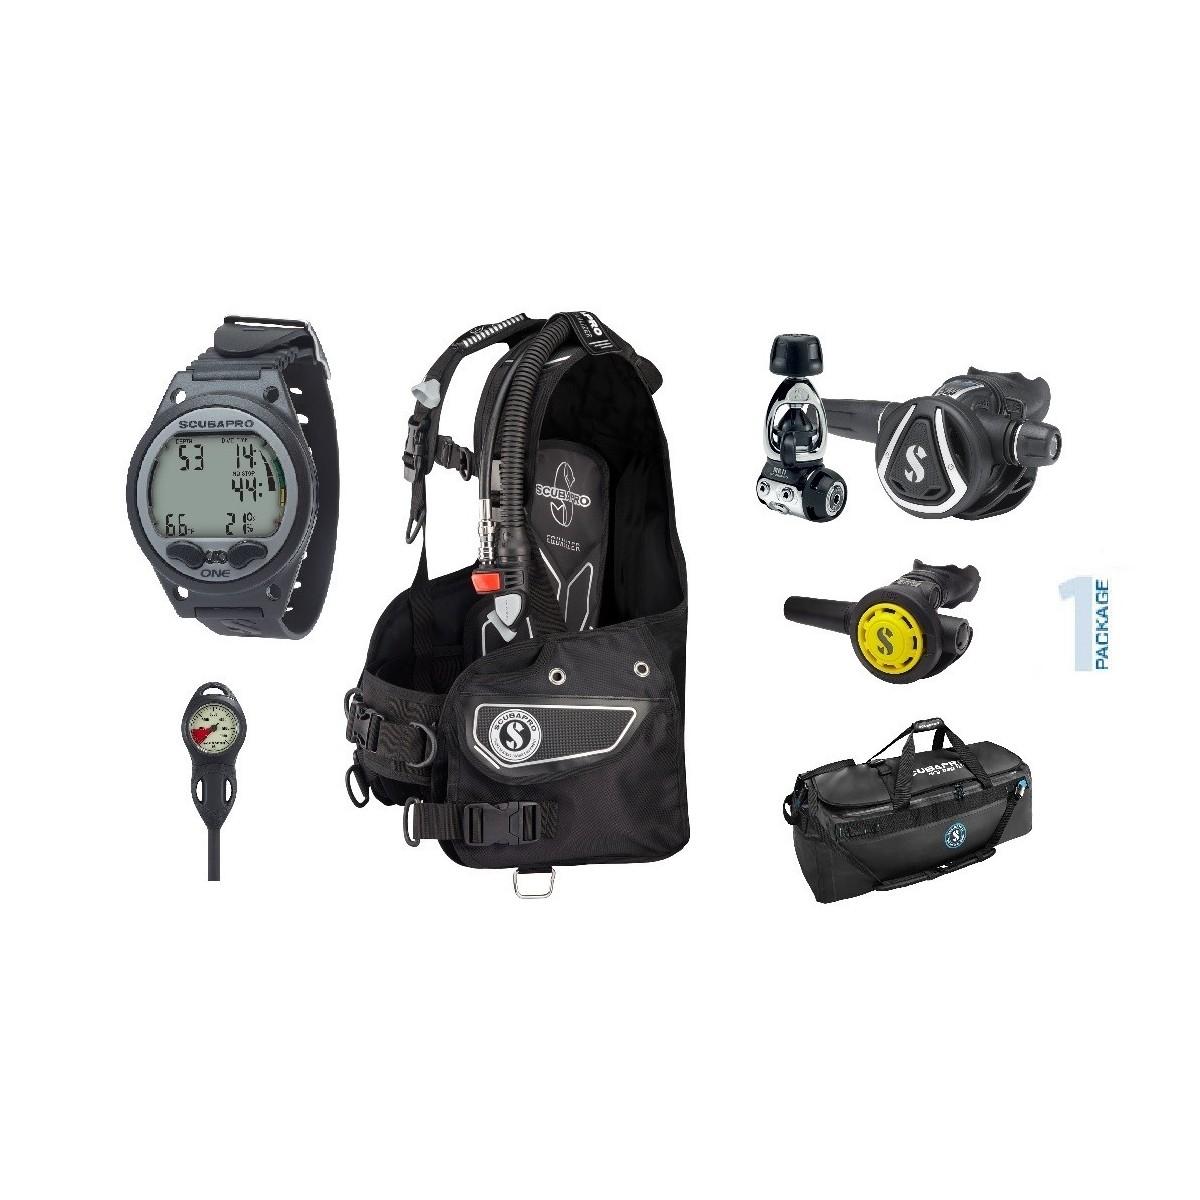 Scubapro Summer Package - Equalizer BCD, MK11/C350 Regulator, R095 Octo, Aladin ONE Dive Computer